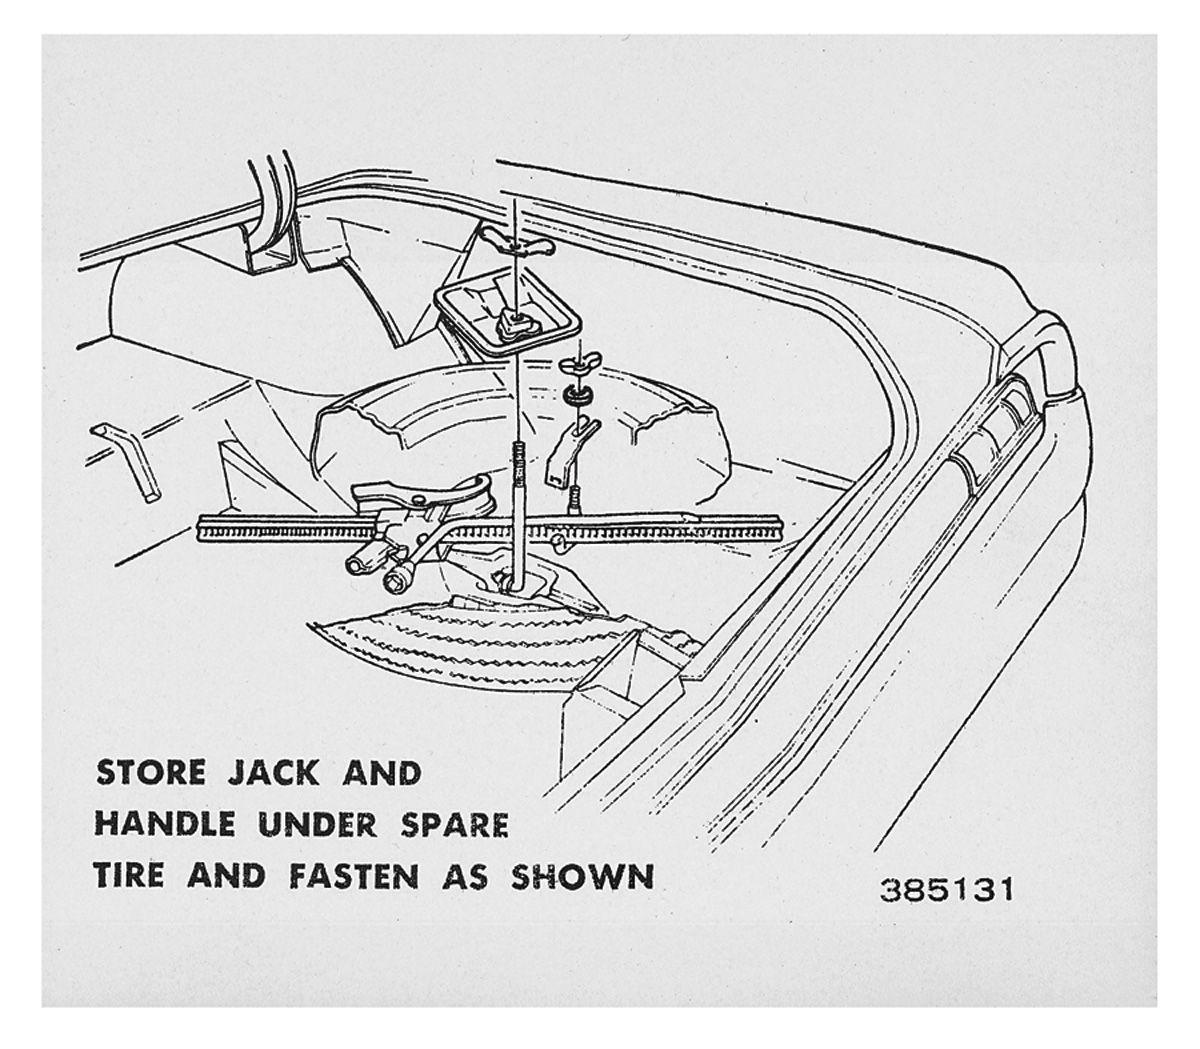 Decal, 64 Cutlass, Trunk, Tire Stowage